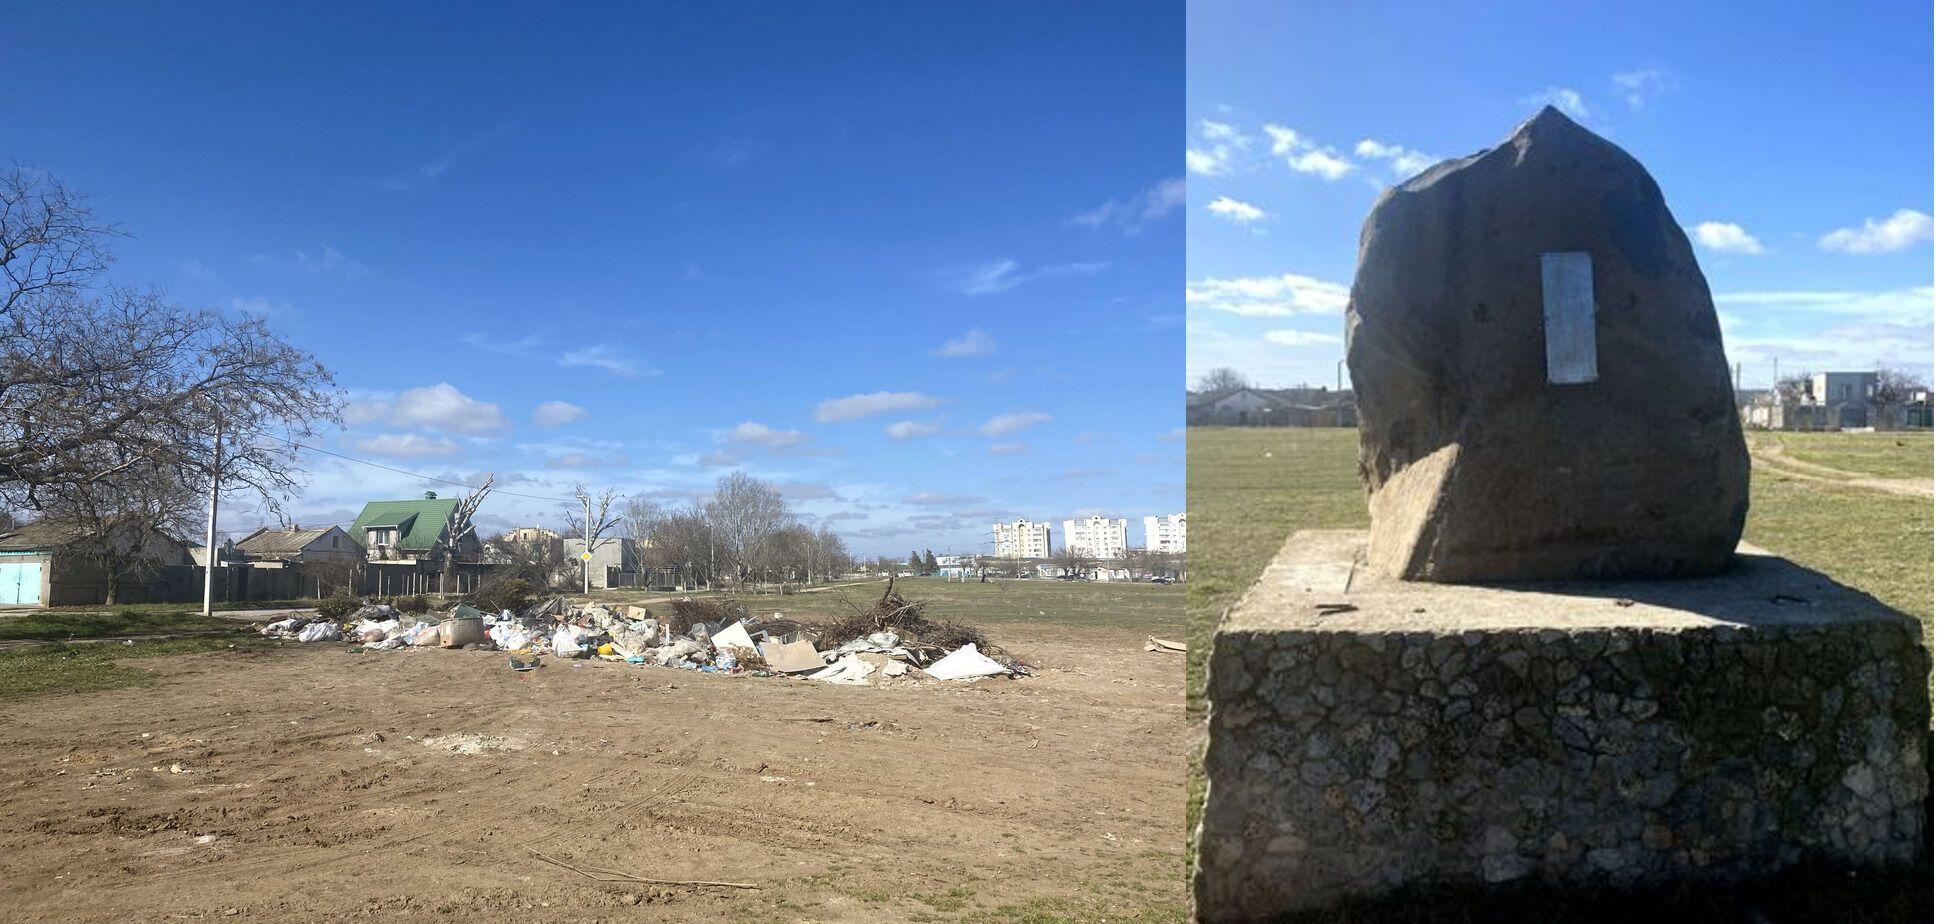 Територія кладовища і пам'ятник.